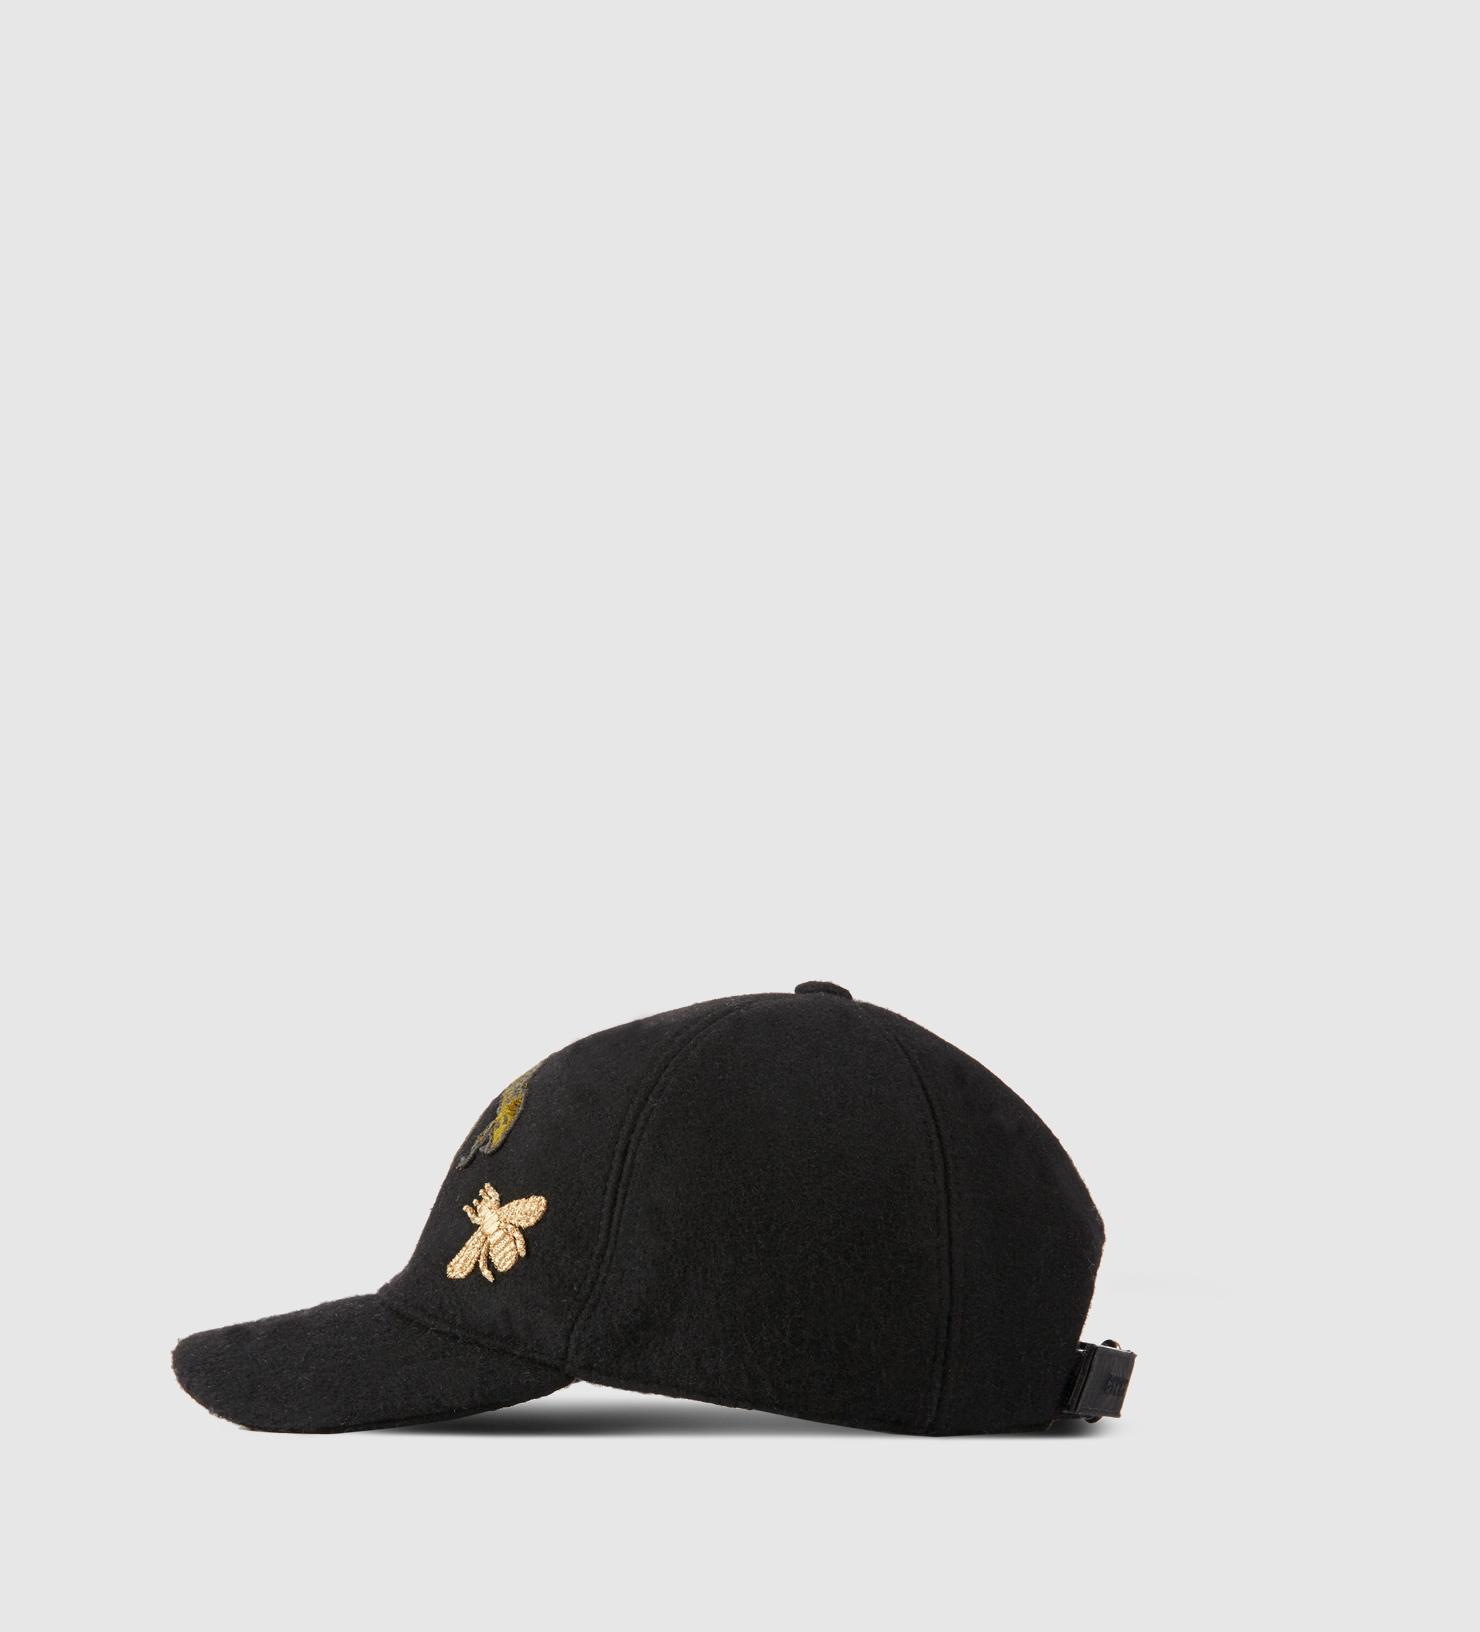 f1e627f7514 Gucci La Hat New Era - Parchment N Lead